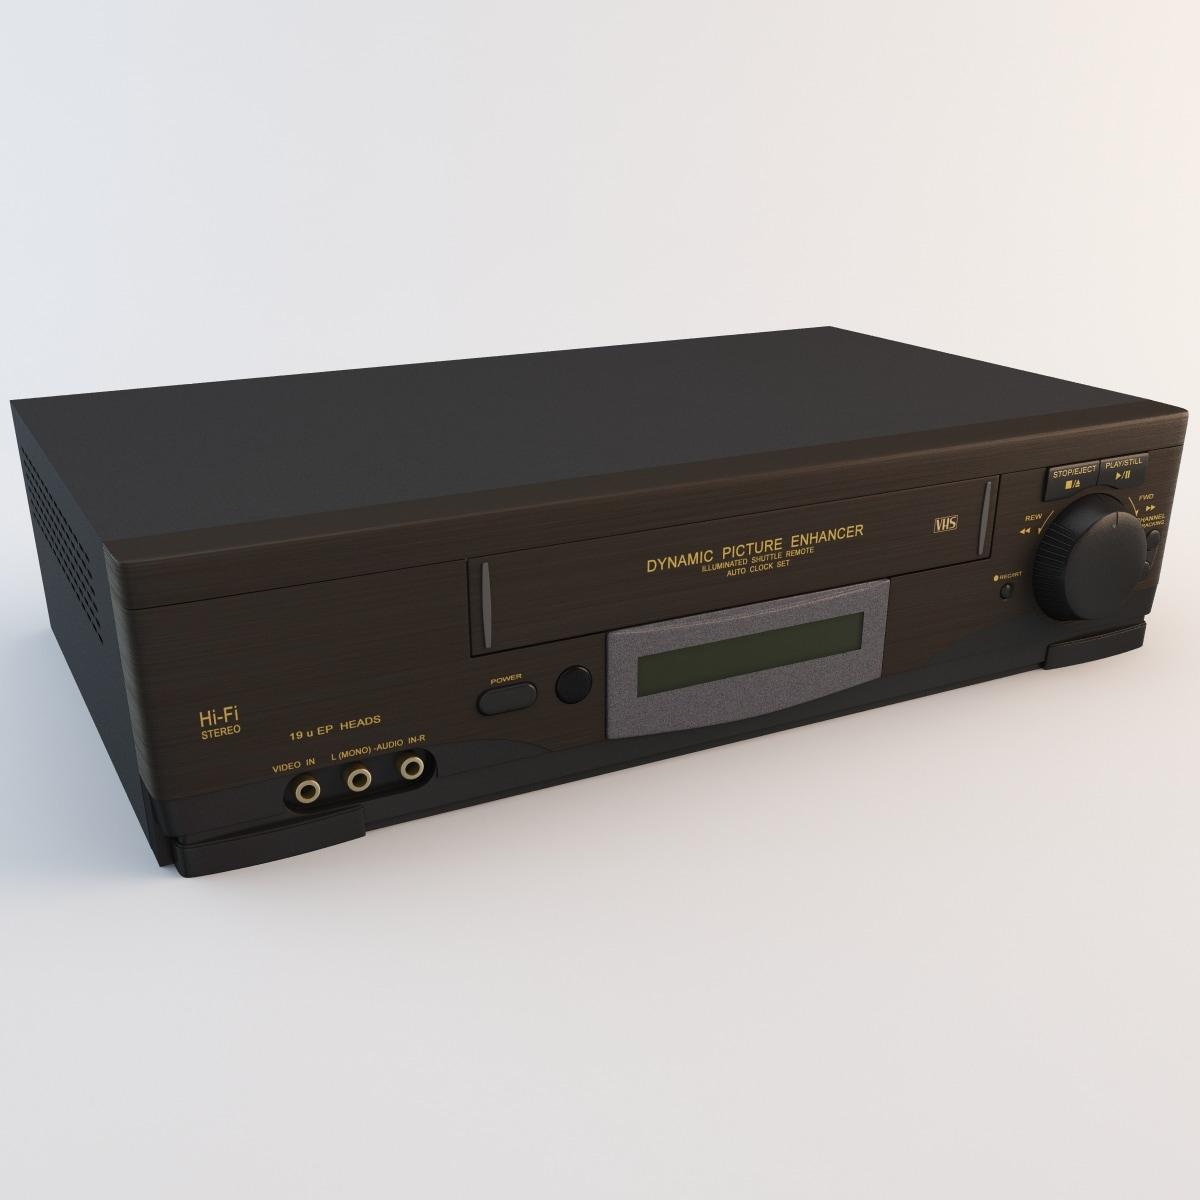 VHS_VCR_Player_005.jpg